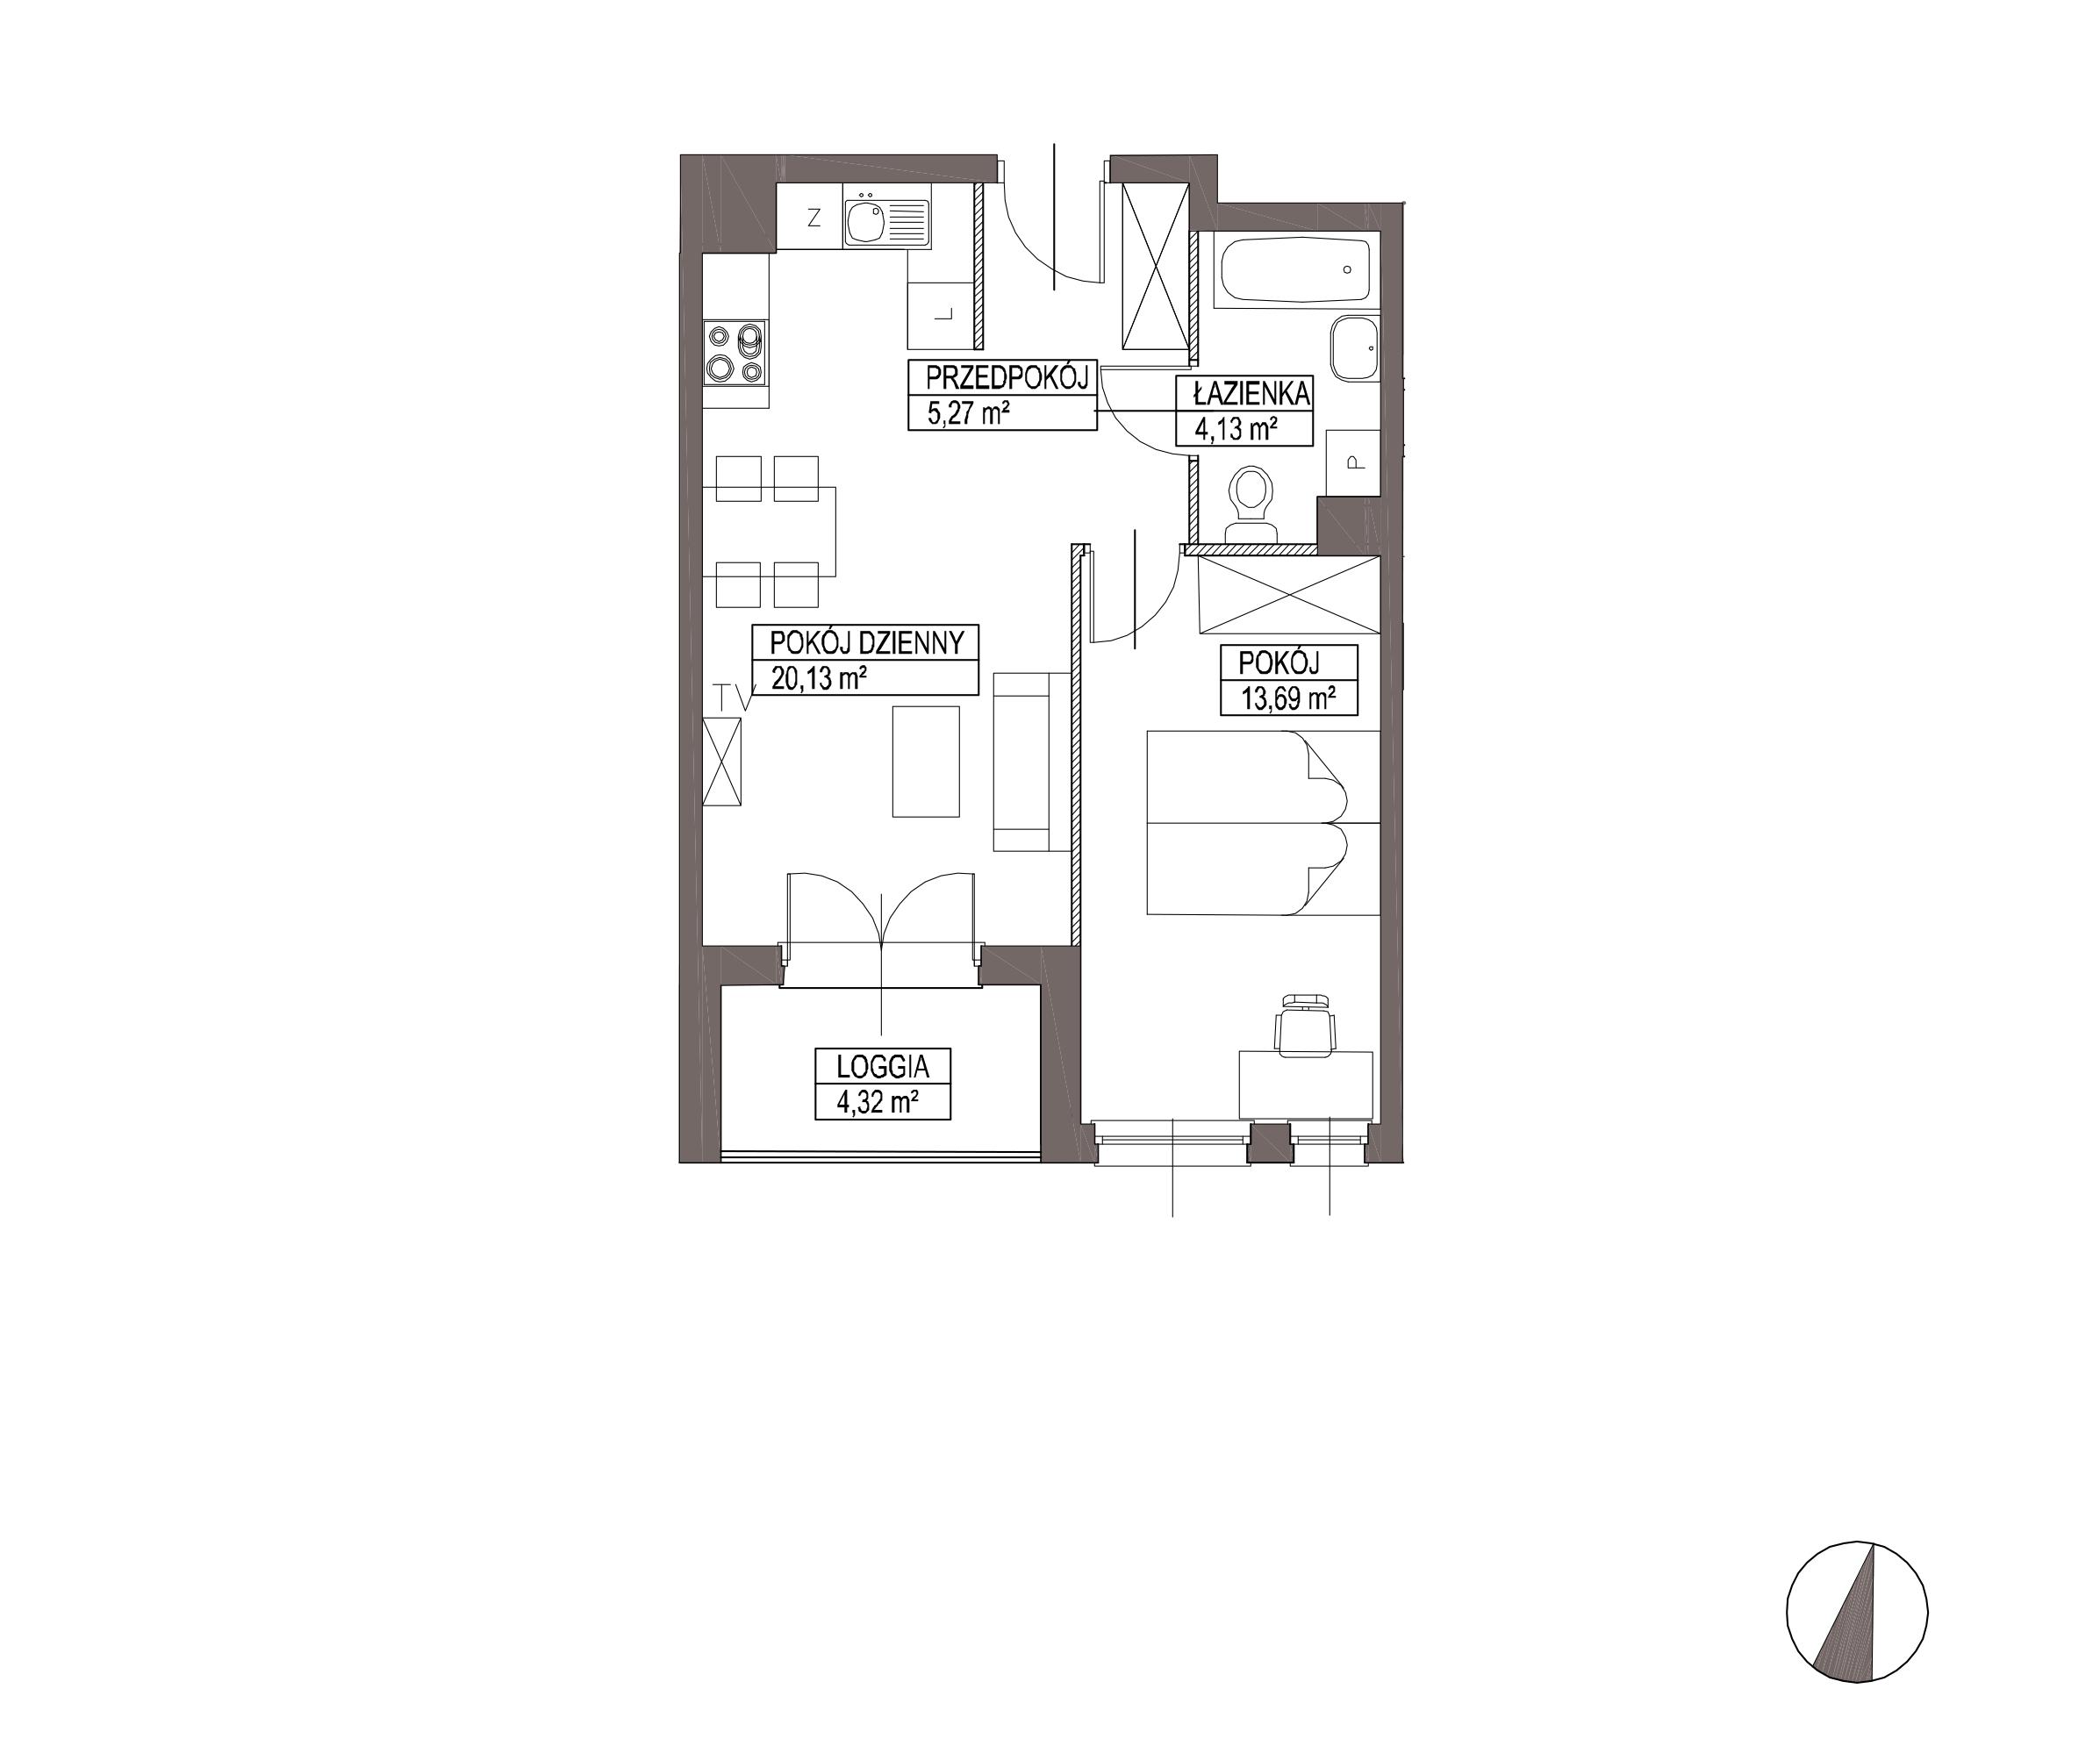 Kameralna Olszówka / budynek 1 / mieszkanie KO/A/2/3 rzut 1